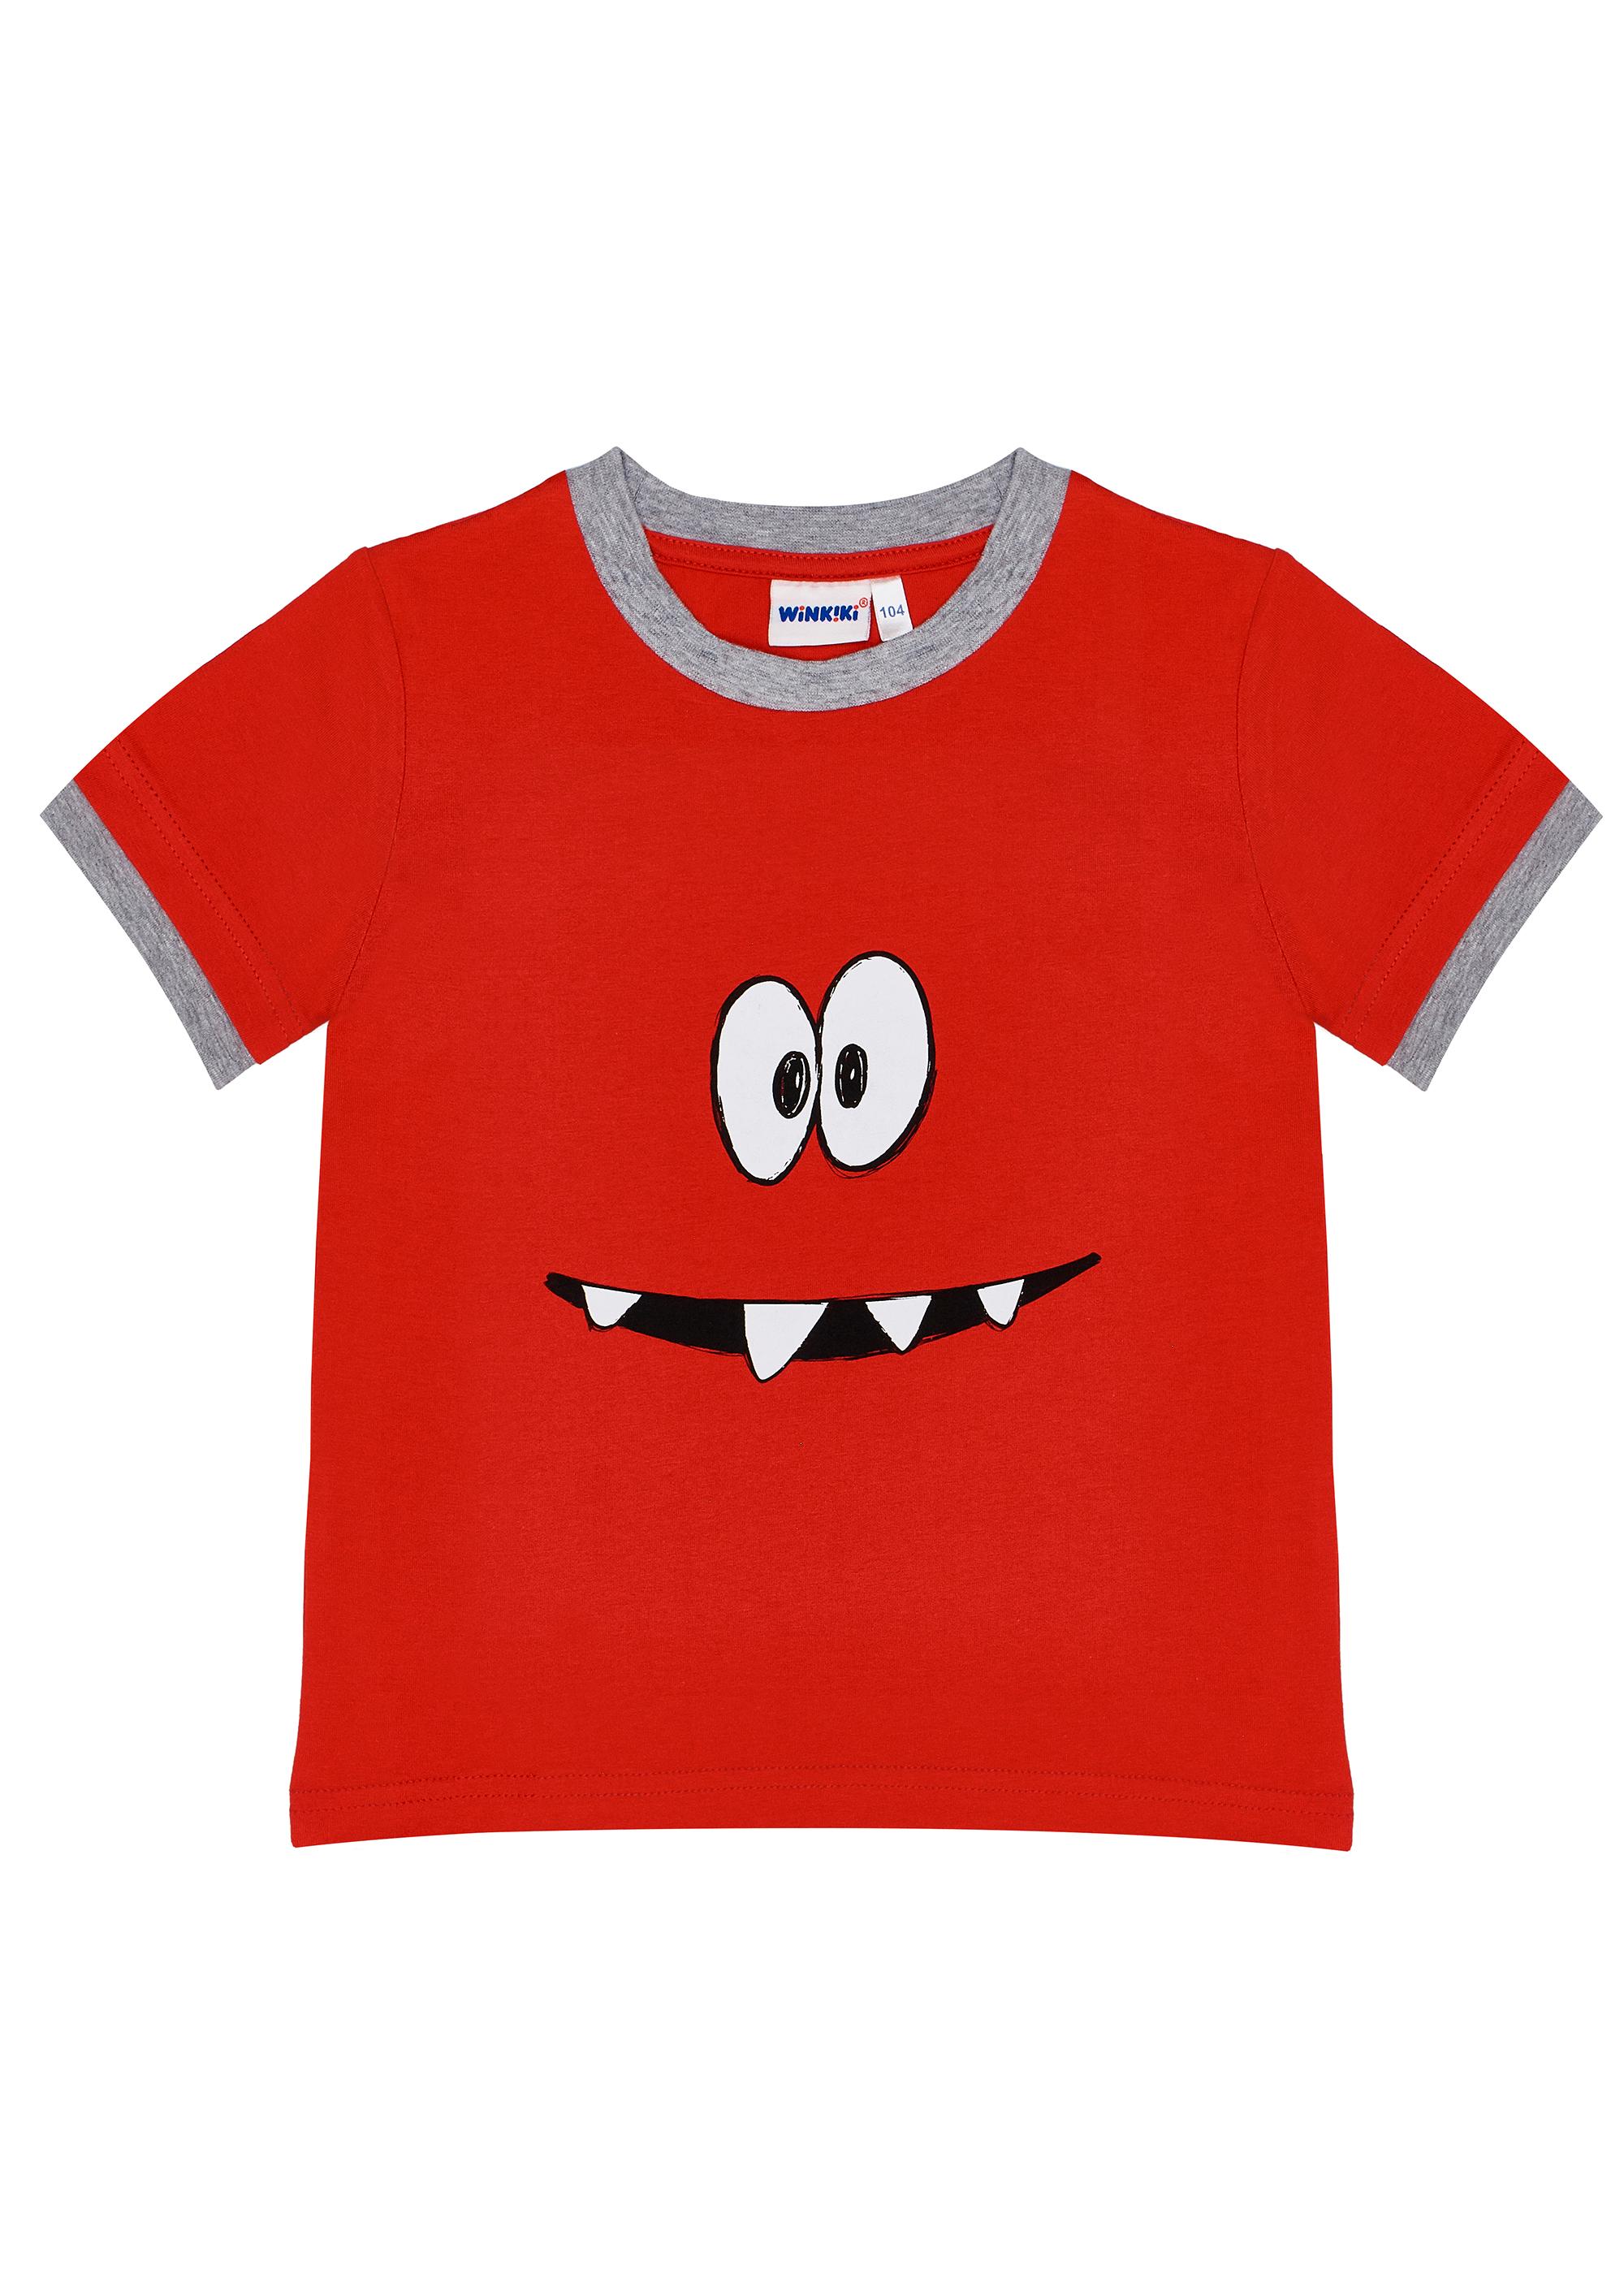 Chlapecké tričko Superpower - šedá Červená, Šedý melanž